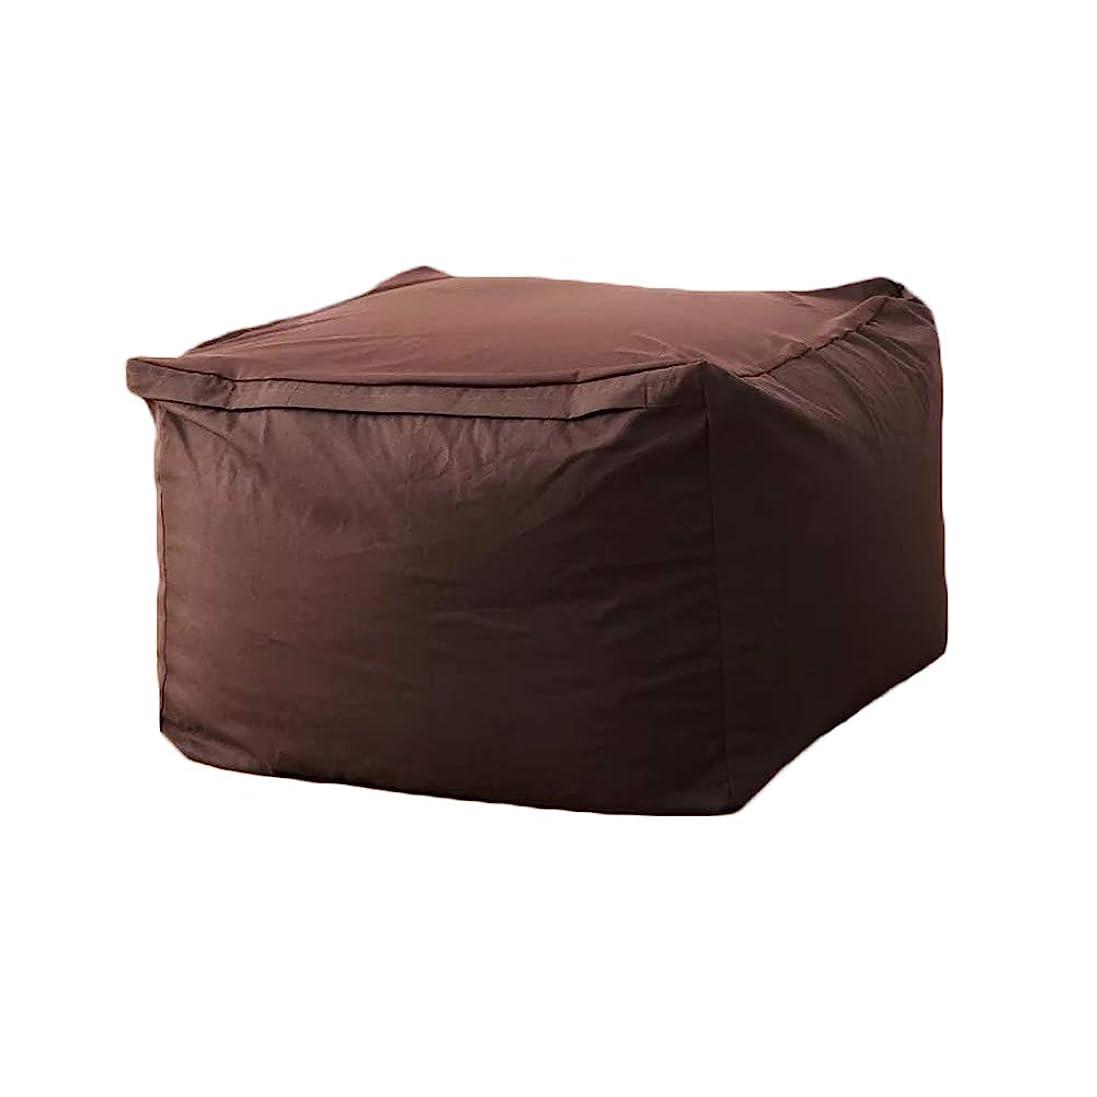 ハチ広まった収益ビーズクッション ソファー 人をダメにするソファ クッション 豆袋 座布団 もちもち 無地 取り外し可能 低反発 (ブラウン, 65*65*43cm)